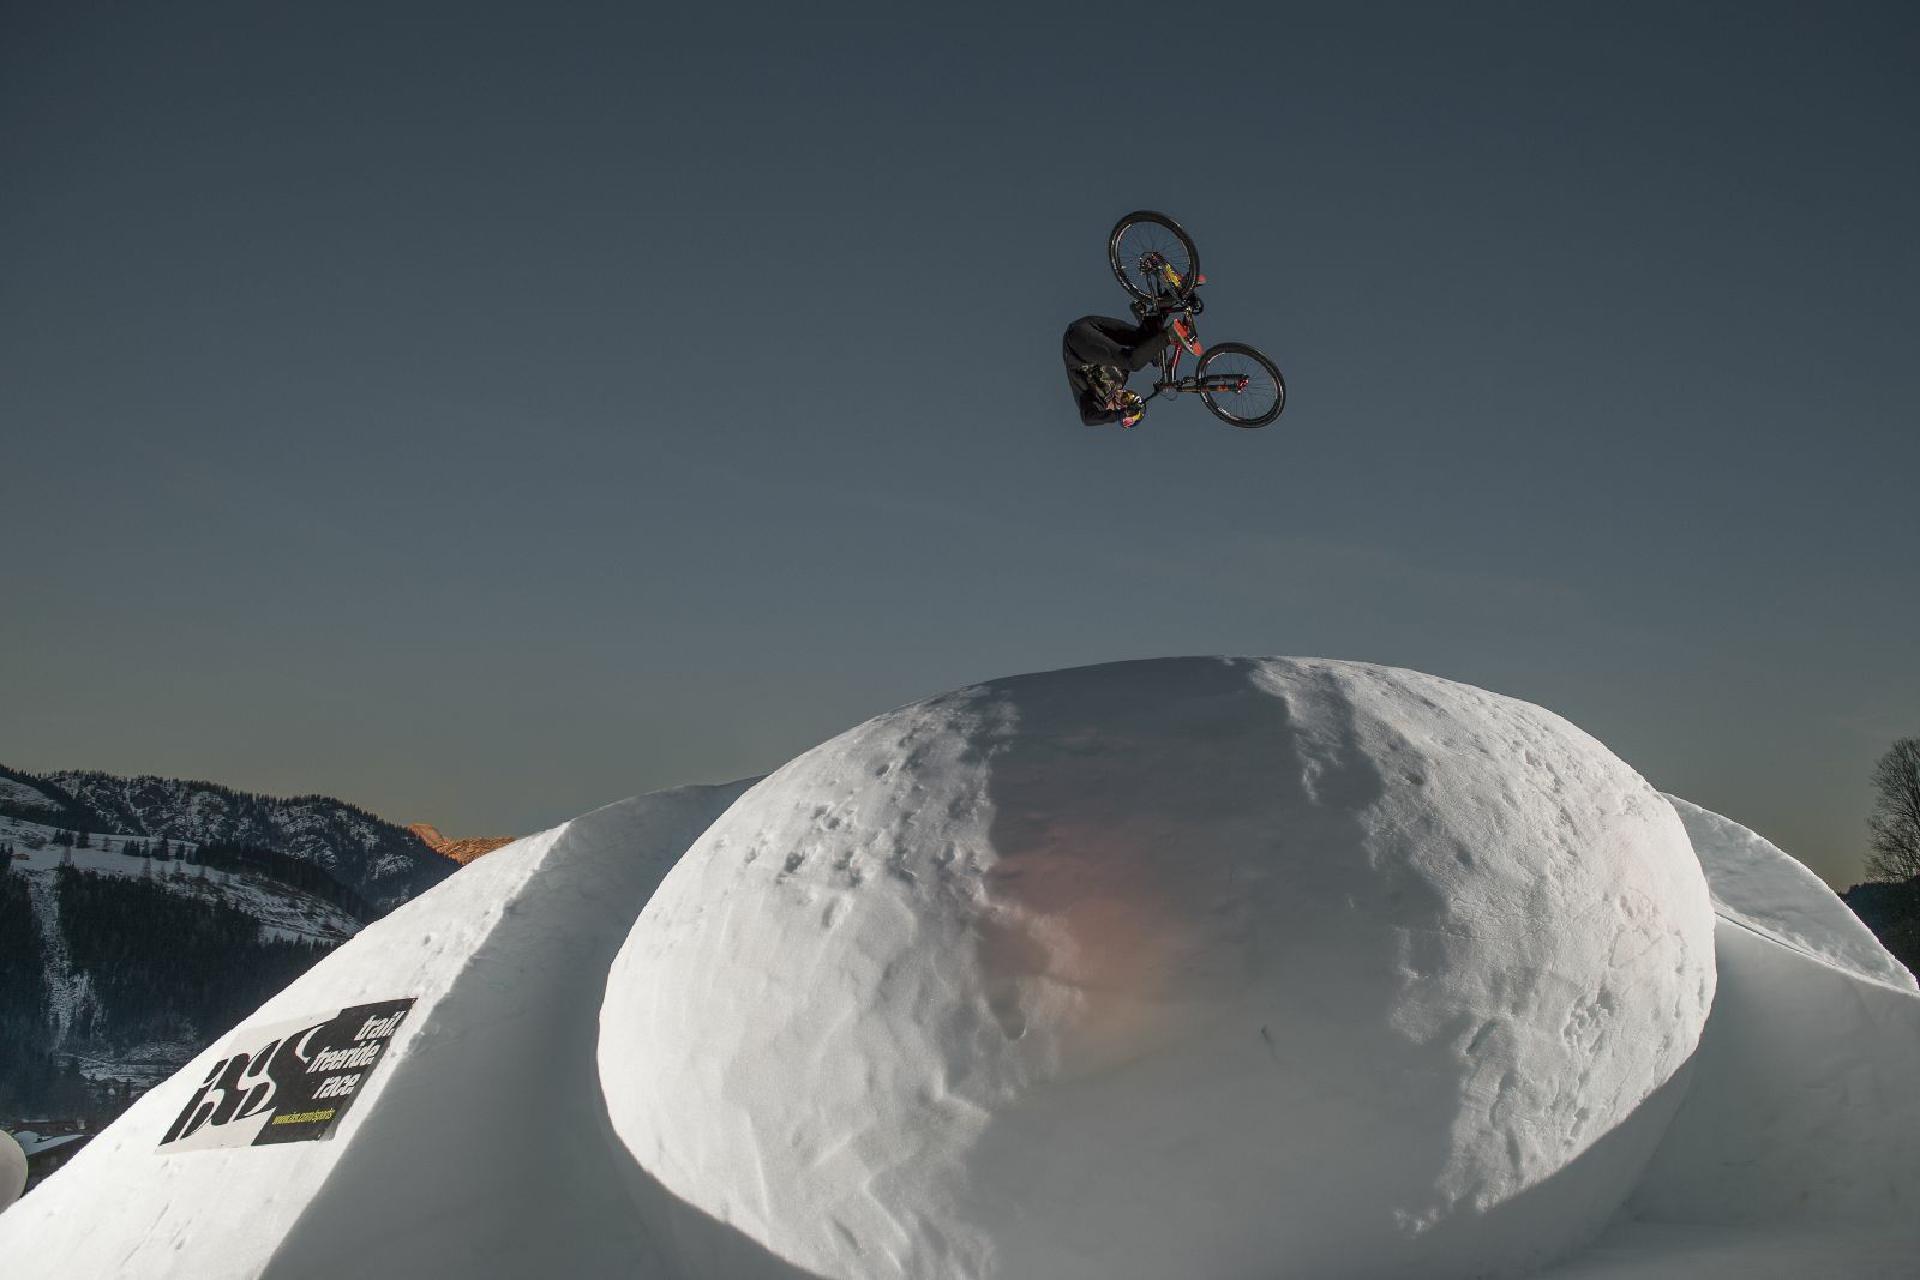 Beim White Style lassen sich die Rider keineswegs vom Schnee zurückhalten, und zeigen ihre besten Tricks!